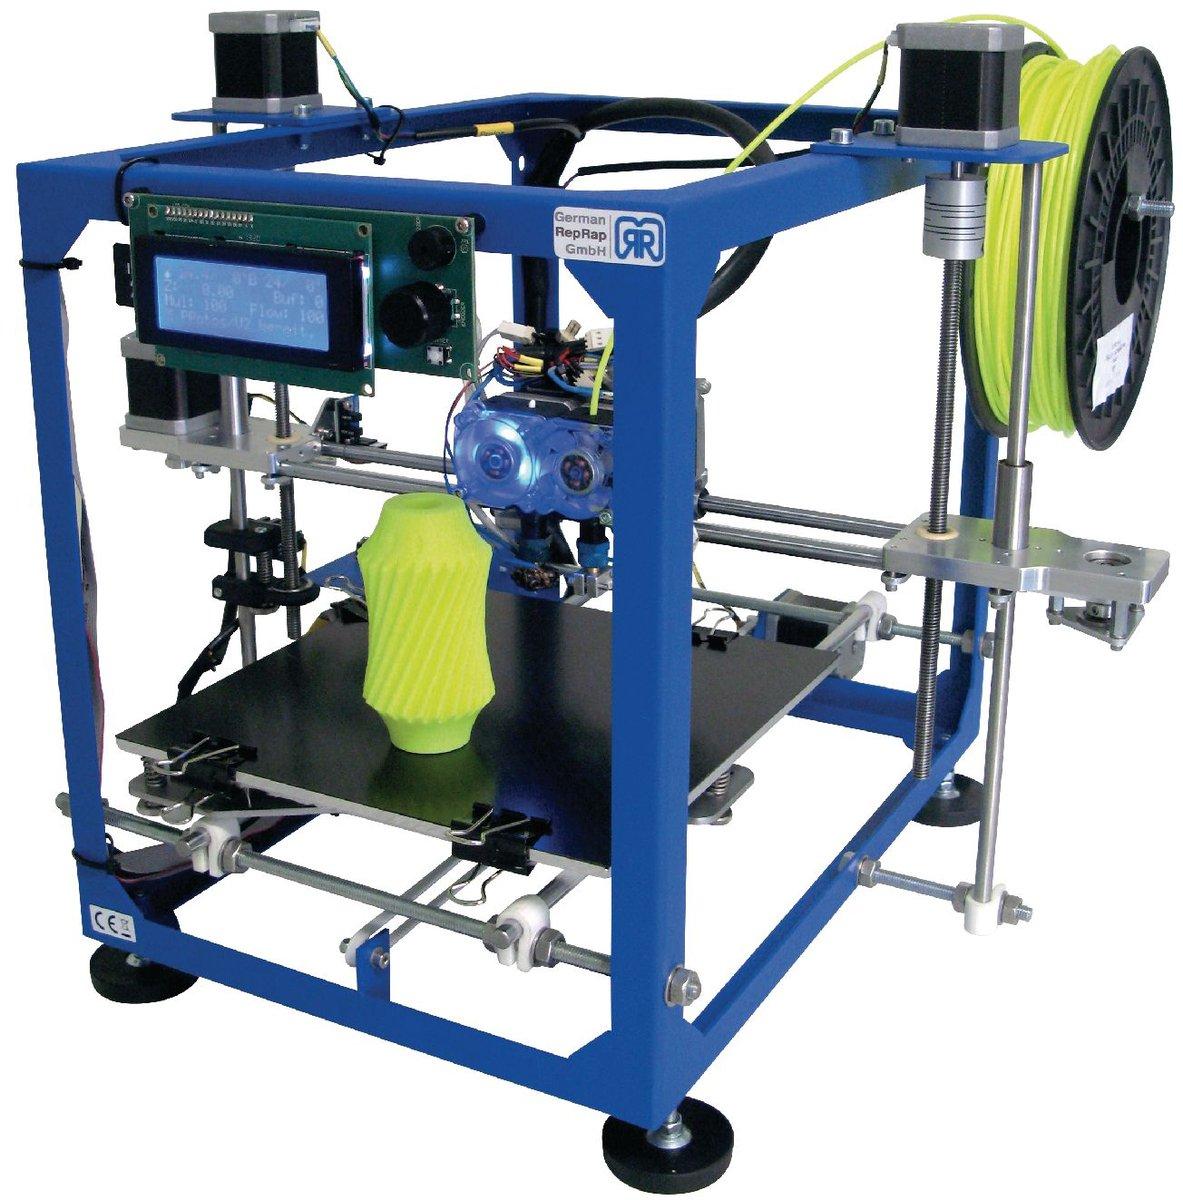 [PRIJSFOUT] German Reprap RR100440 Protos V3 Dual Extruder 3D Printer Ful Kit voor €19,95 @ Bol.com Plaza